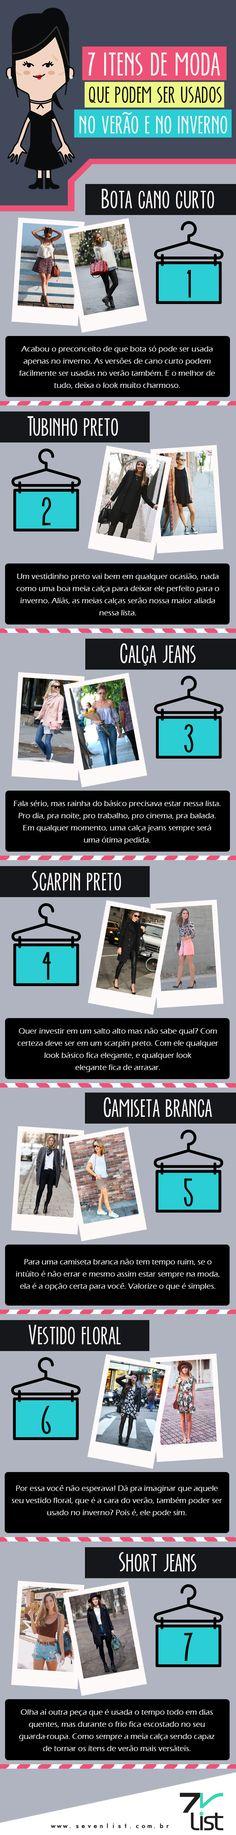 7 itens de moda que serve para o verão e para o inverno